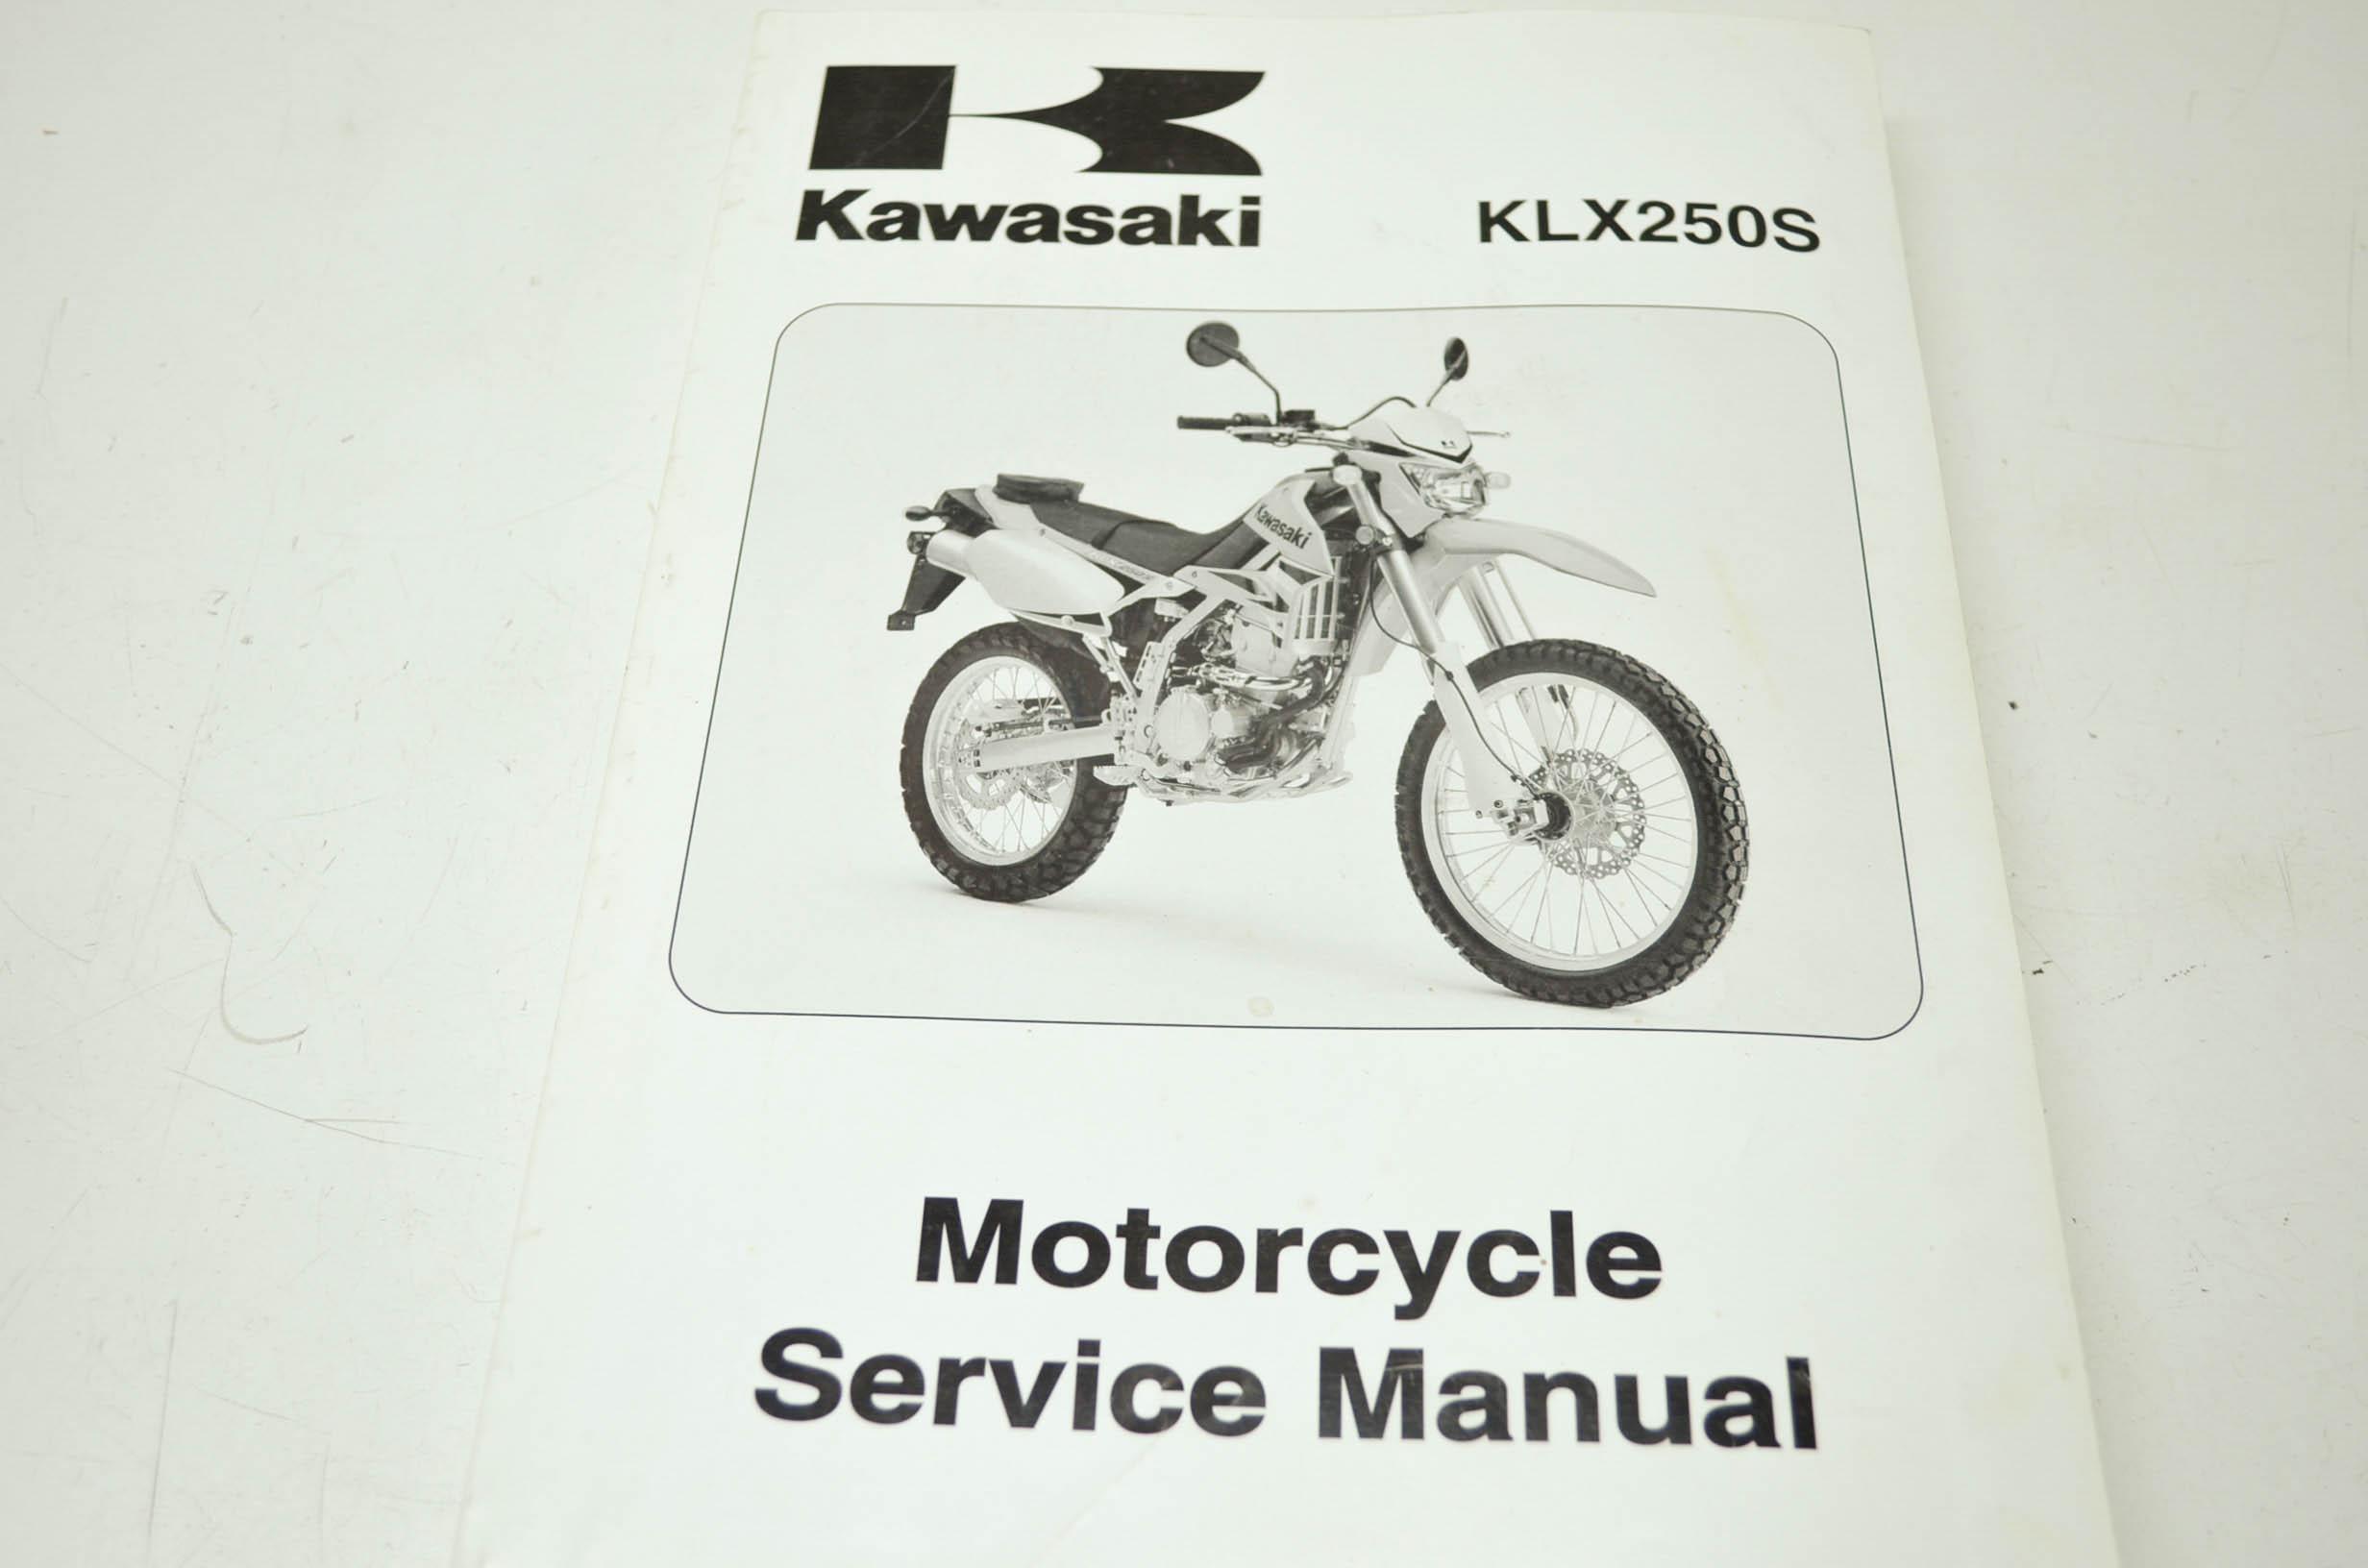 kawasaki klx250s service manual ebay rh ebay com Kawasaki Dual Sport Kawasaki  KLX 250 Review